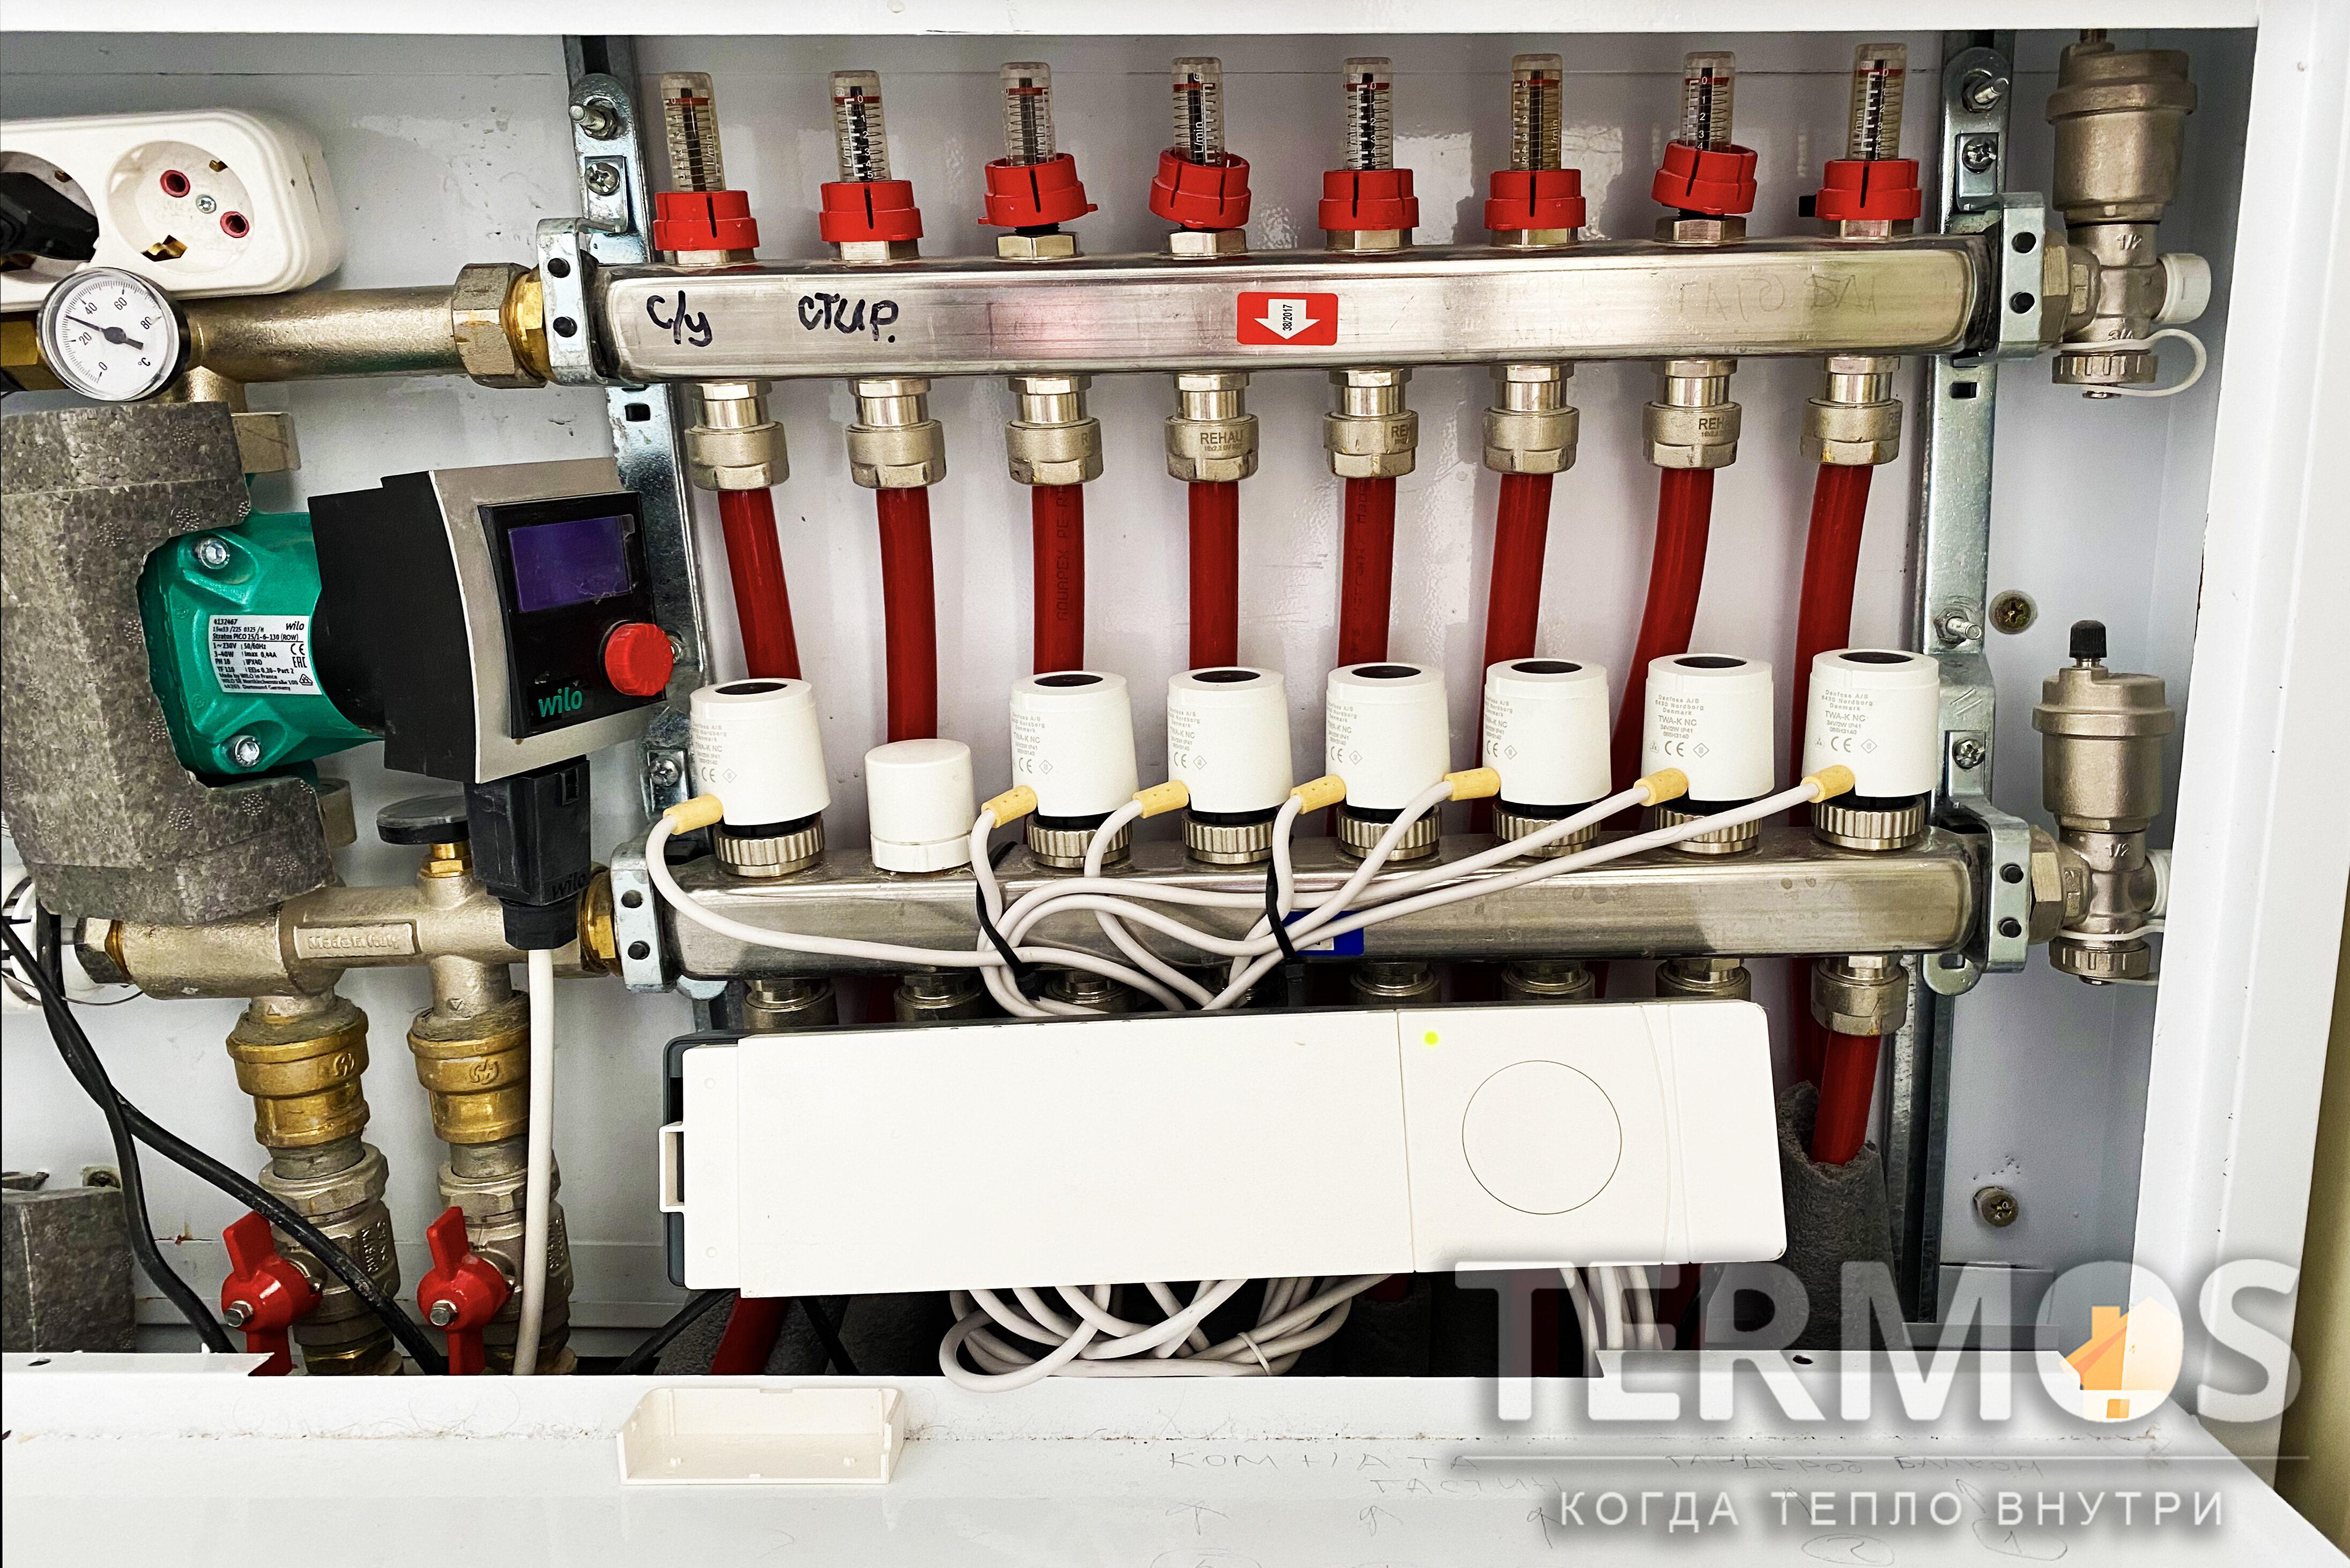 Регулировка температуры в помещениях с обогревом теплым полом, производится подачей тепла сервоприводами на гребенке теплого пола, в контура расположенные в регулируемом помещении. Комнатный термостат, установленный в комнате, производит управлением подачи тепла. Точная регулировка возможна только при использовании метода управления с ШИМ (широтно импульсной модуляции)